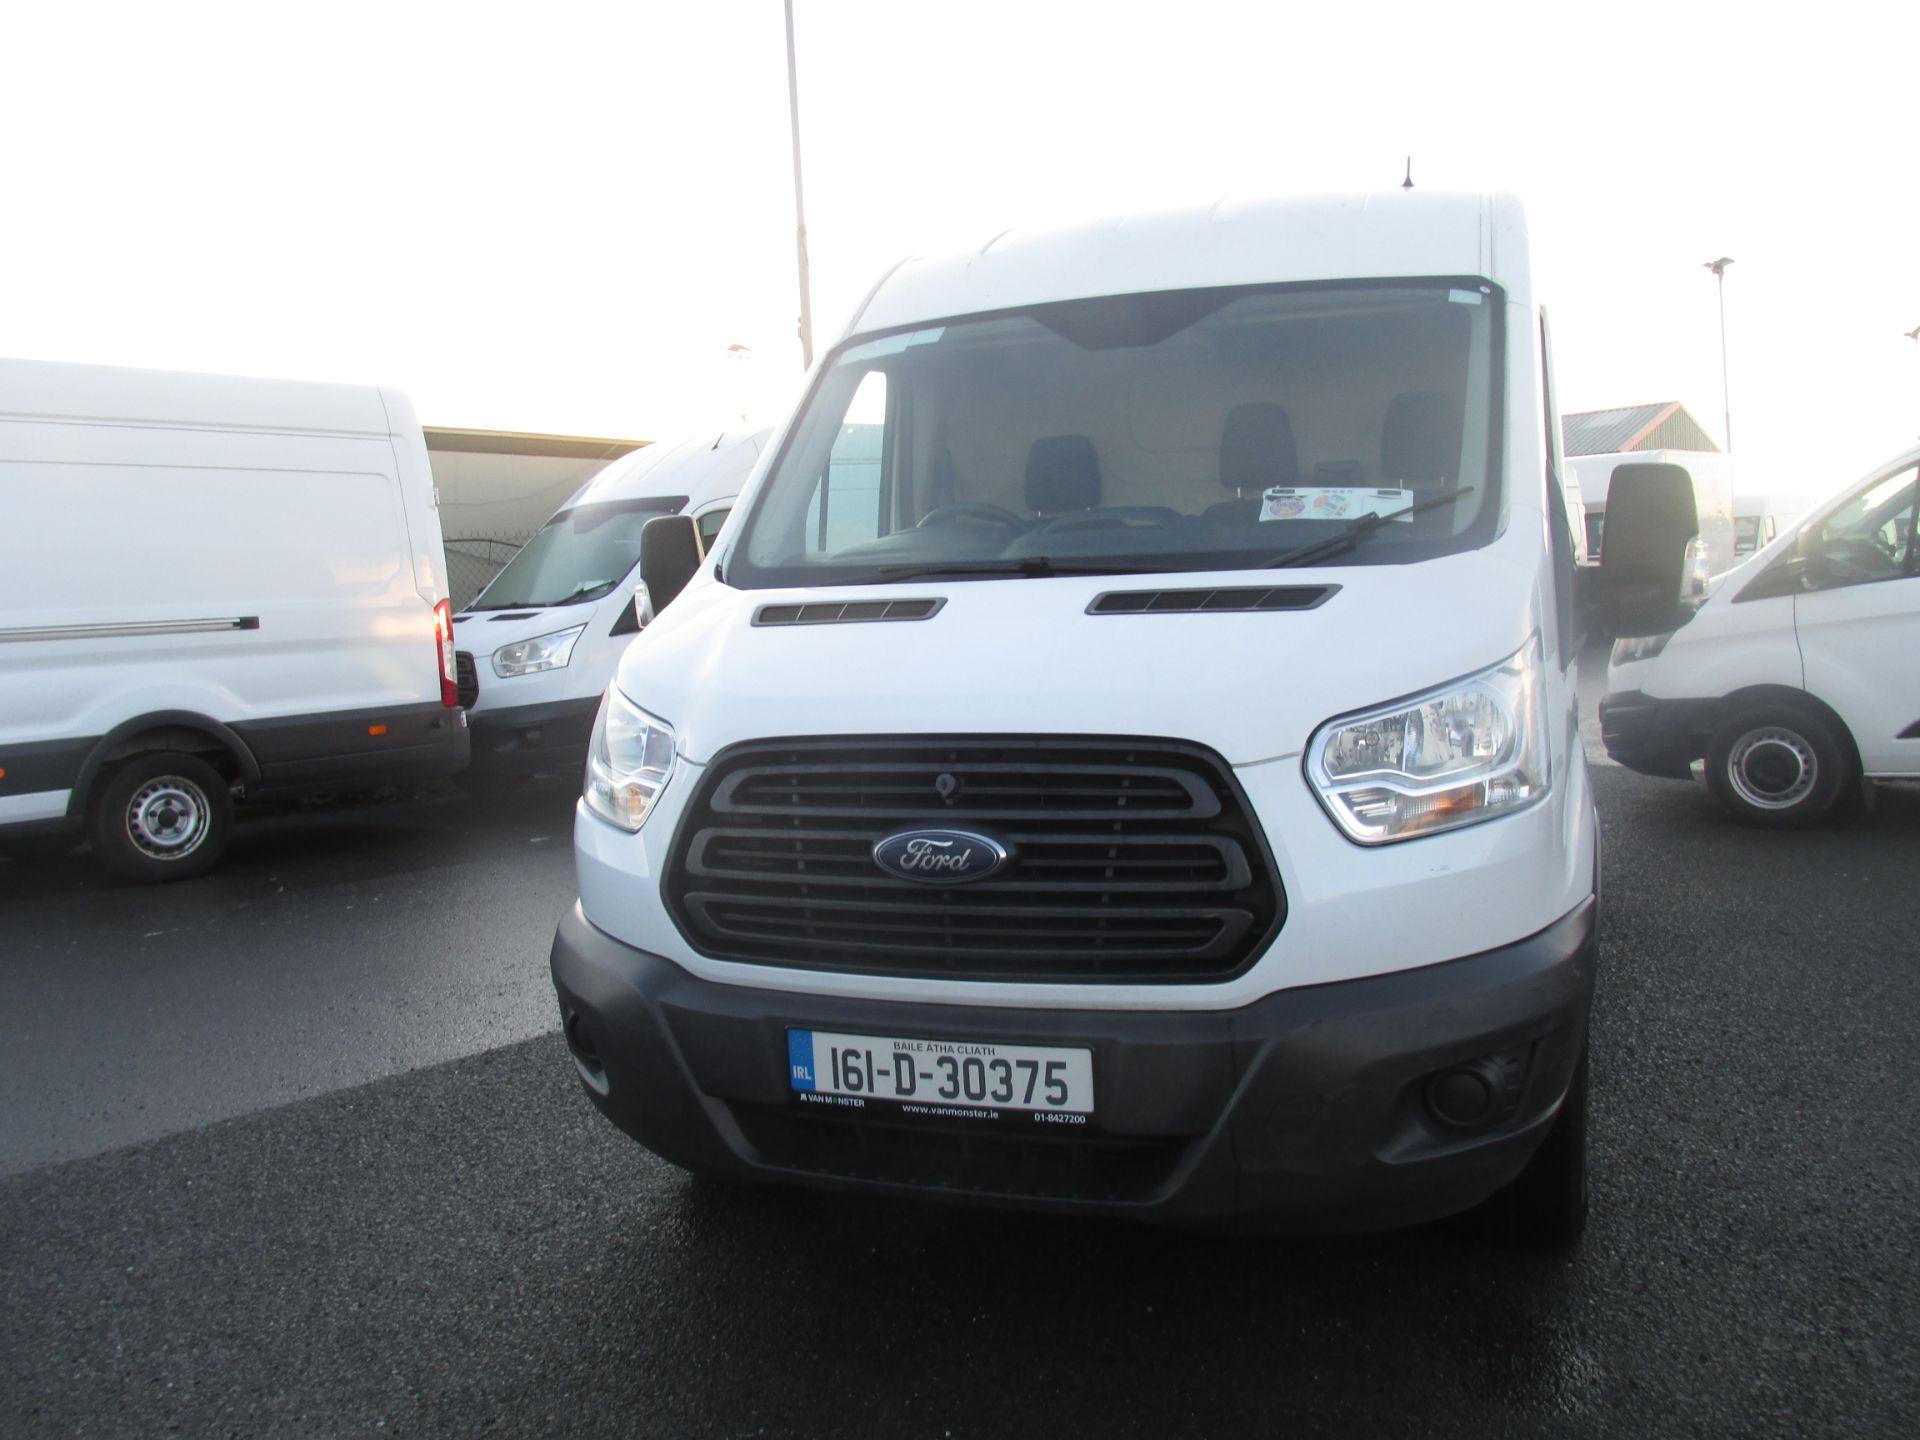 2016 Ford Transit V363 350 LWB Base 125PS RWD 3DR (161D30375) Image 7